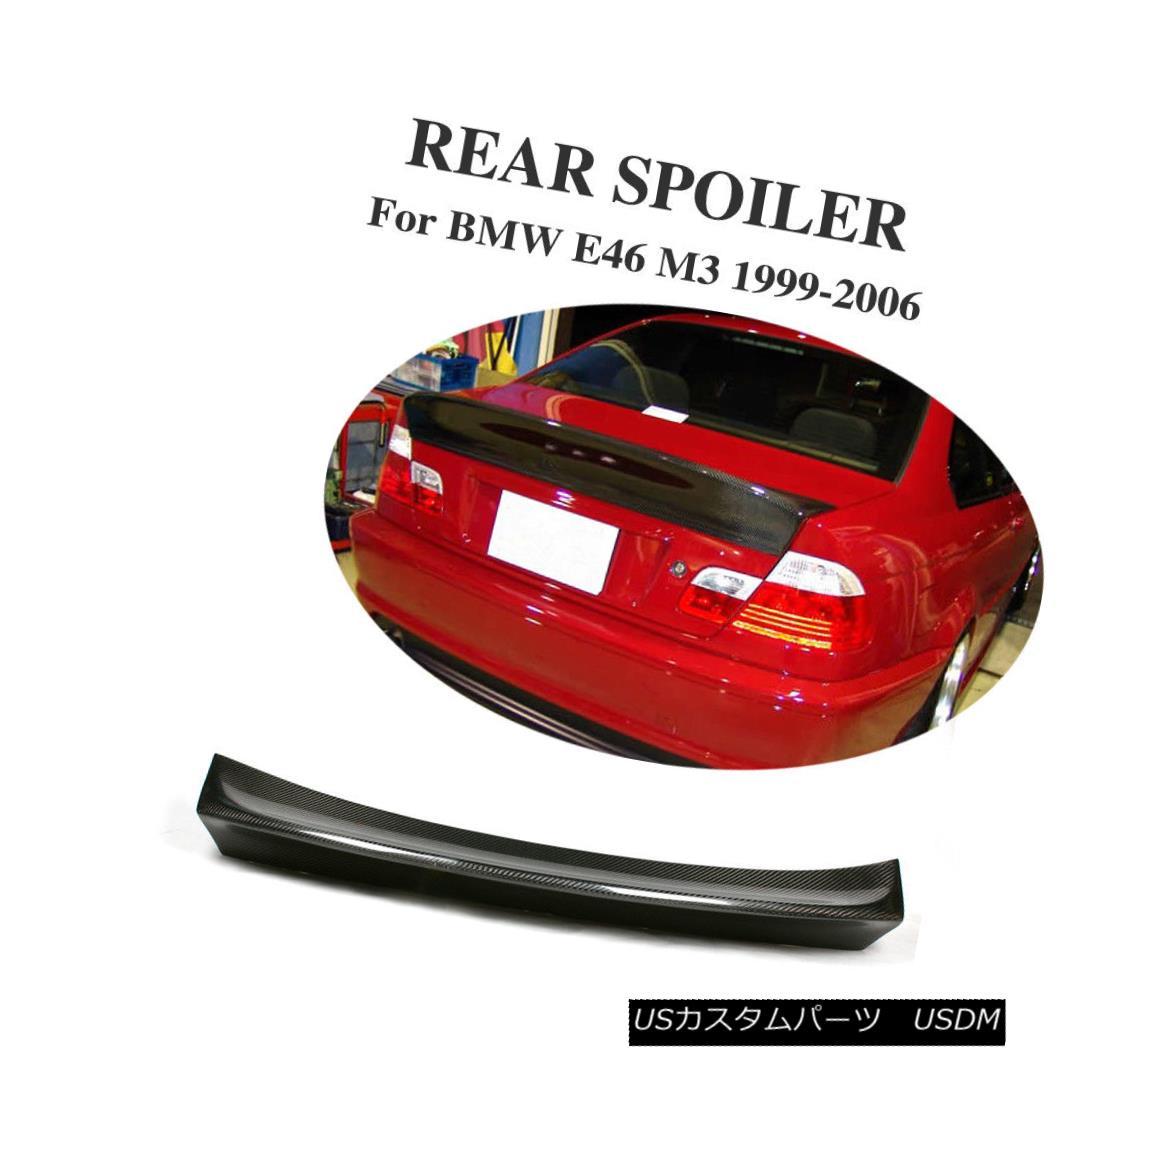 エアロパーツ Carbon Fiber Rear Trunk Spoiler Wings Fit for BMW E46 330i 325i M3 2 Door 99-06 BMW E46 330i 325i M3 2ドア99-06用カーボンファイバーリアトランク・スポイラー・ウイング